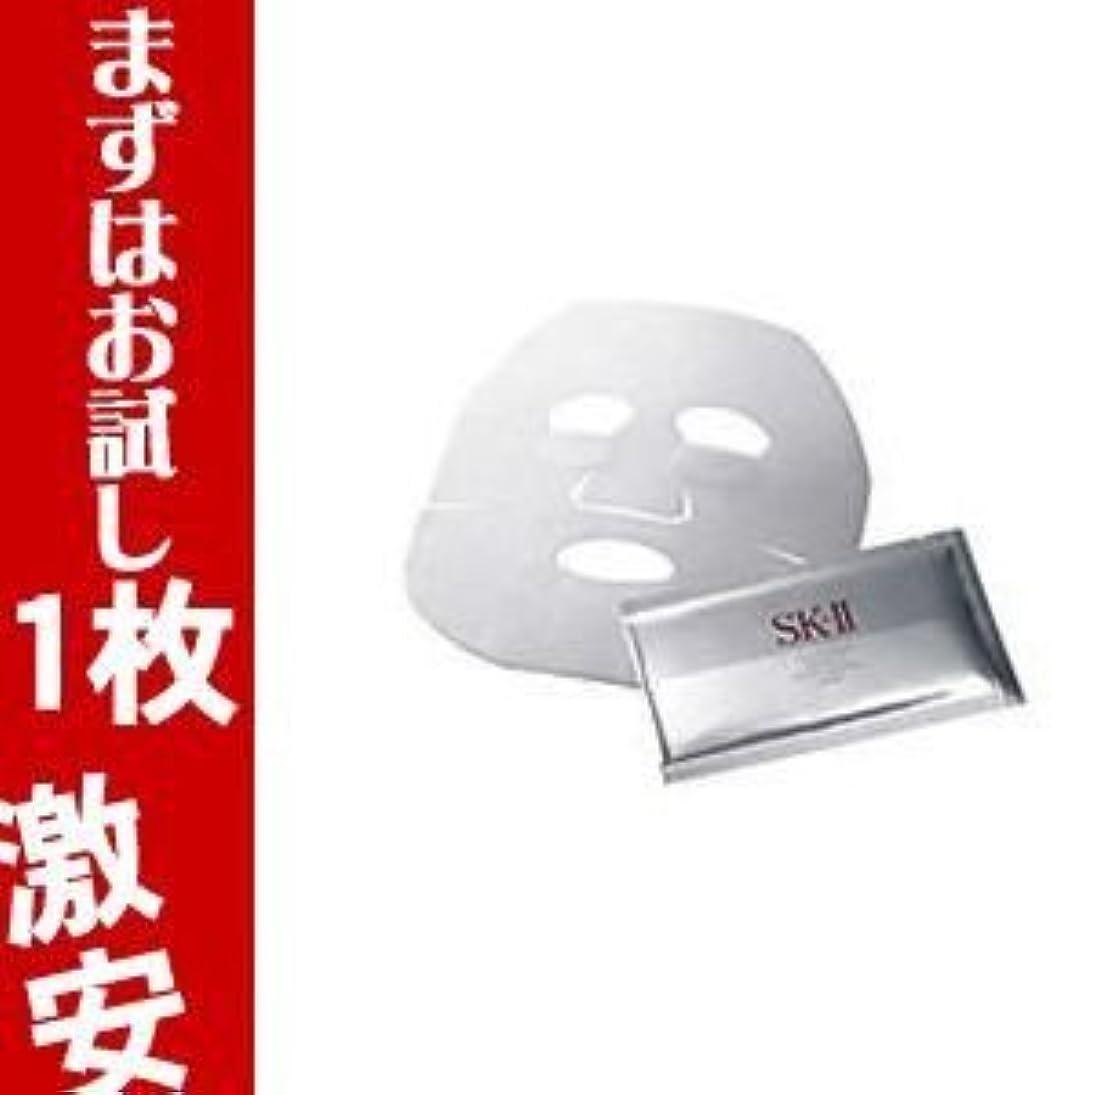 事件、出来事攻撃的カウンタ【SK-II SK-2】 ホワイトニングソース ダーム リバイバル マスク 1枚  【箱なし】